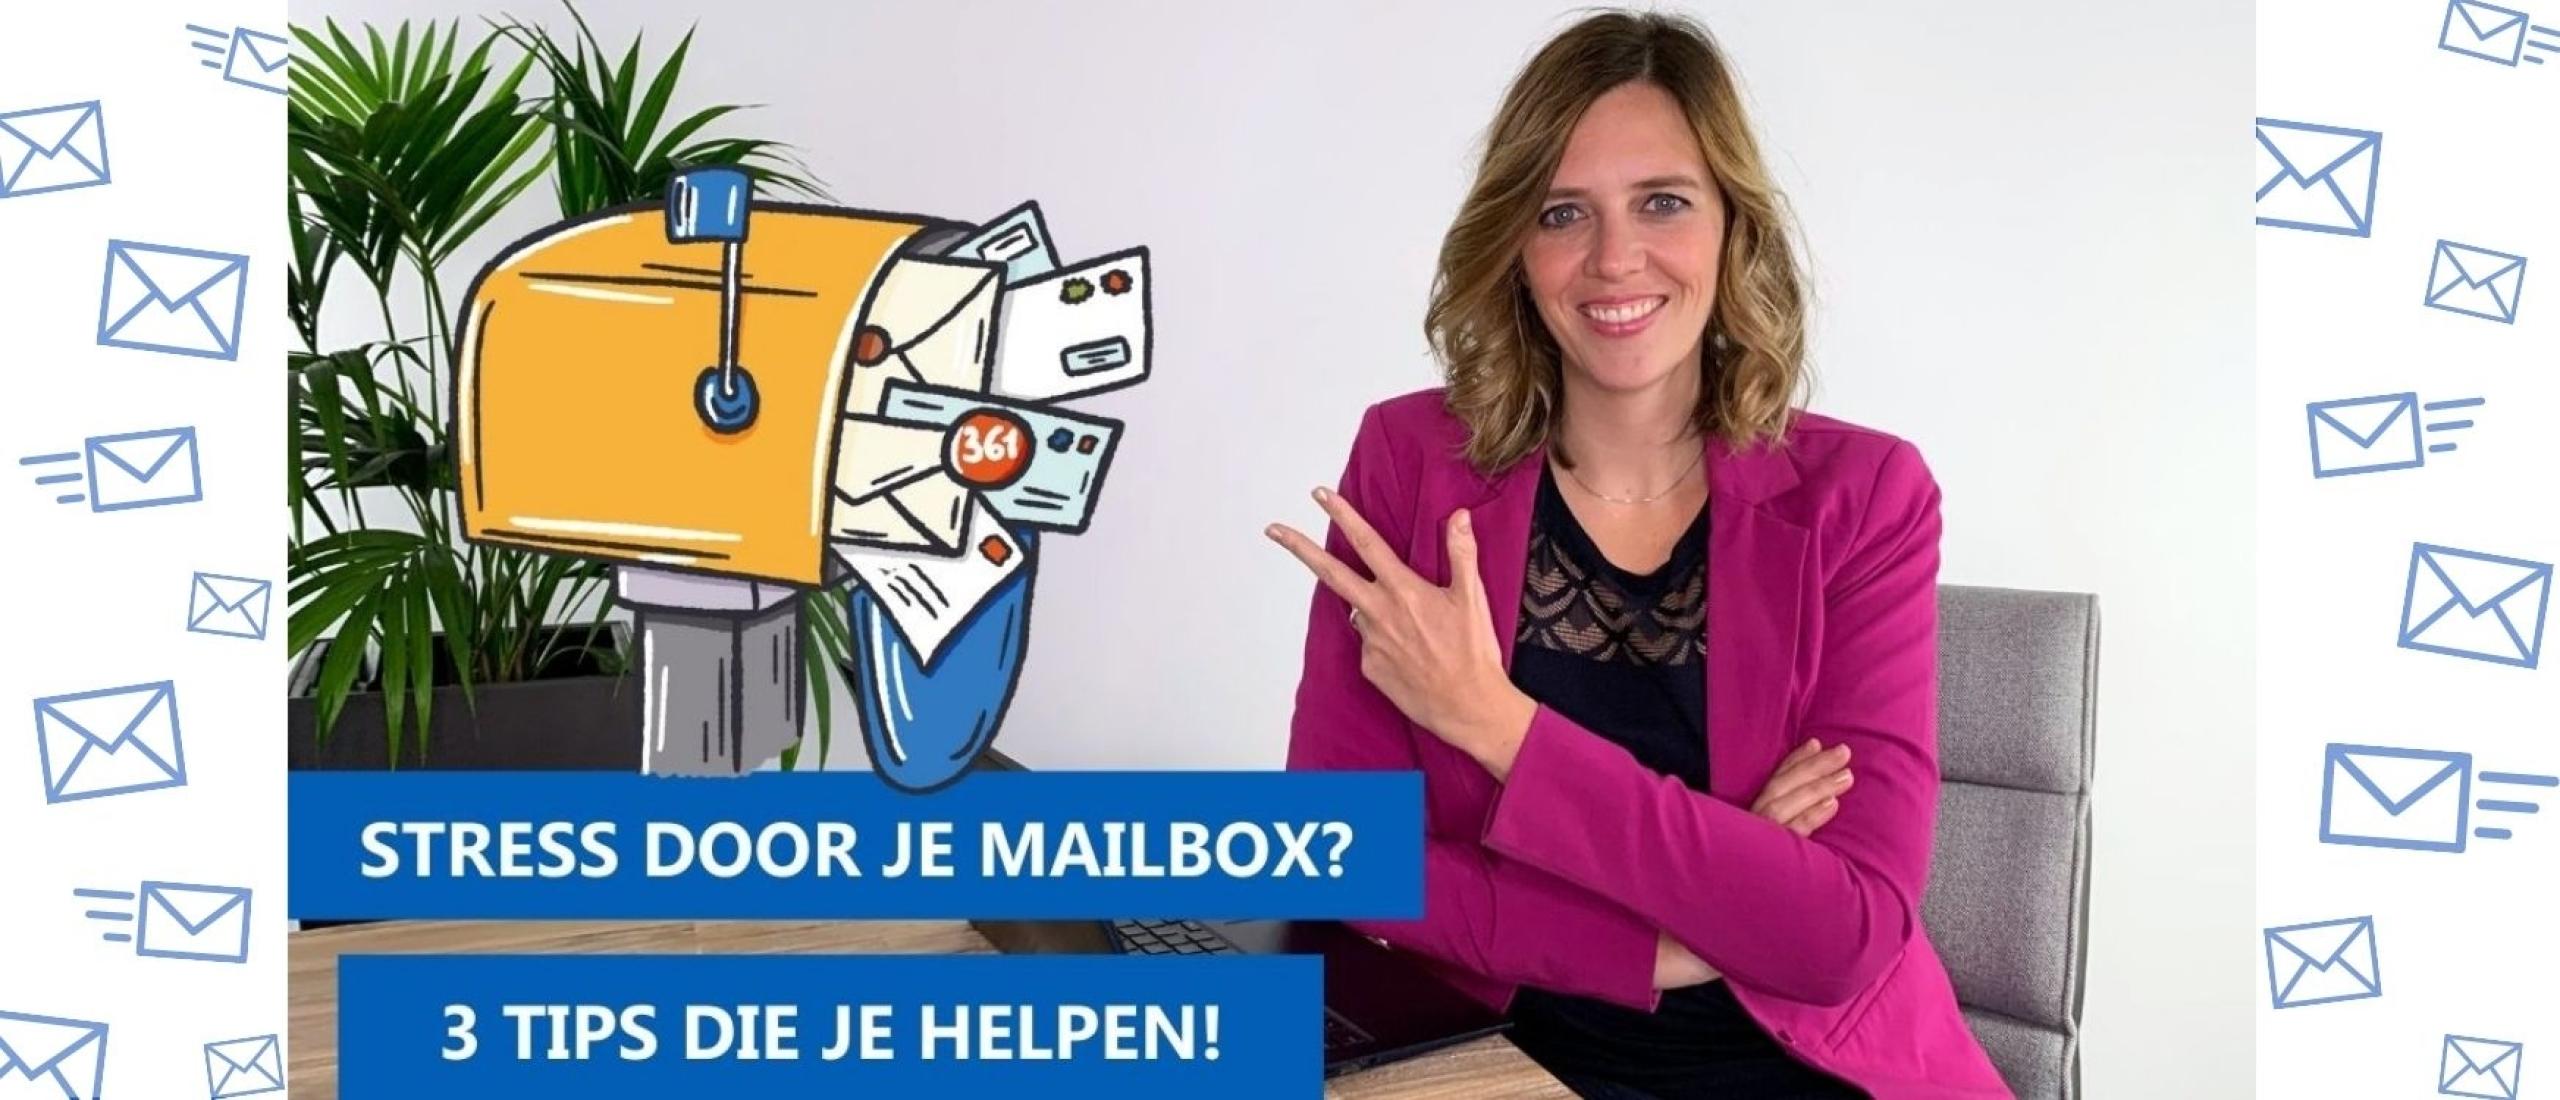 Stress door je mailbox? 10 tips om weer grip te krijgen op je e-mails